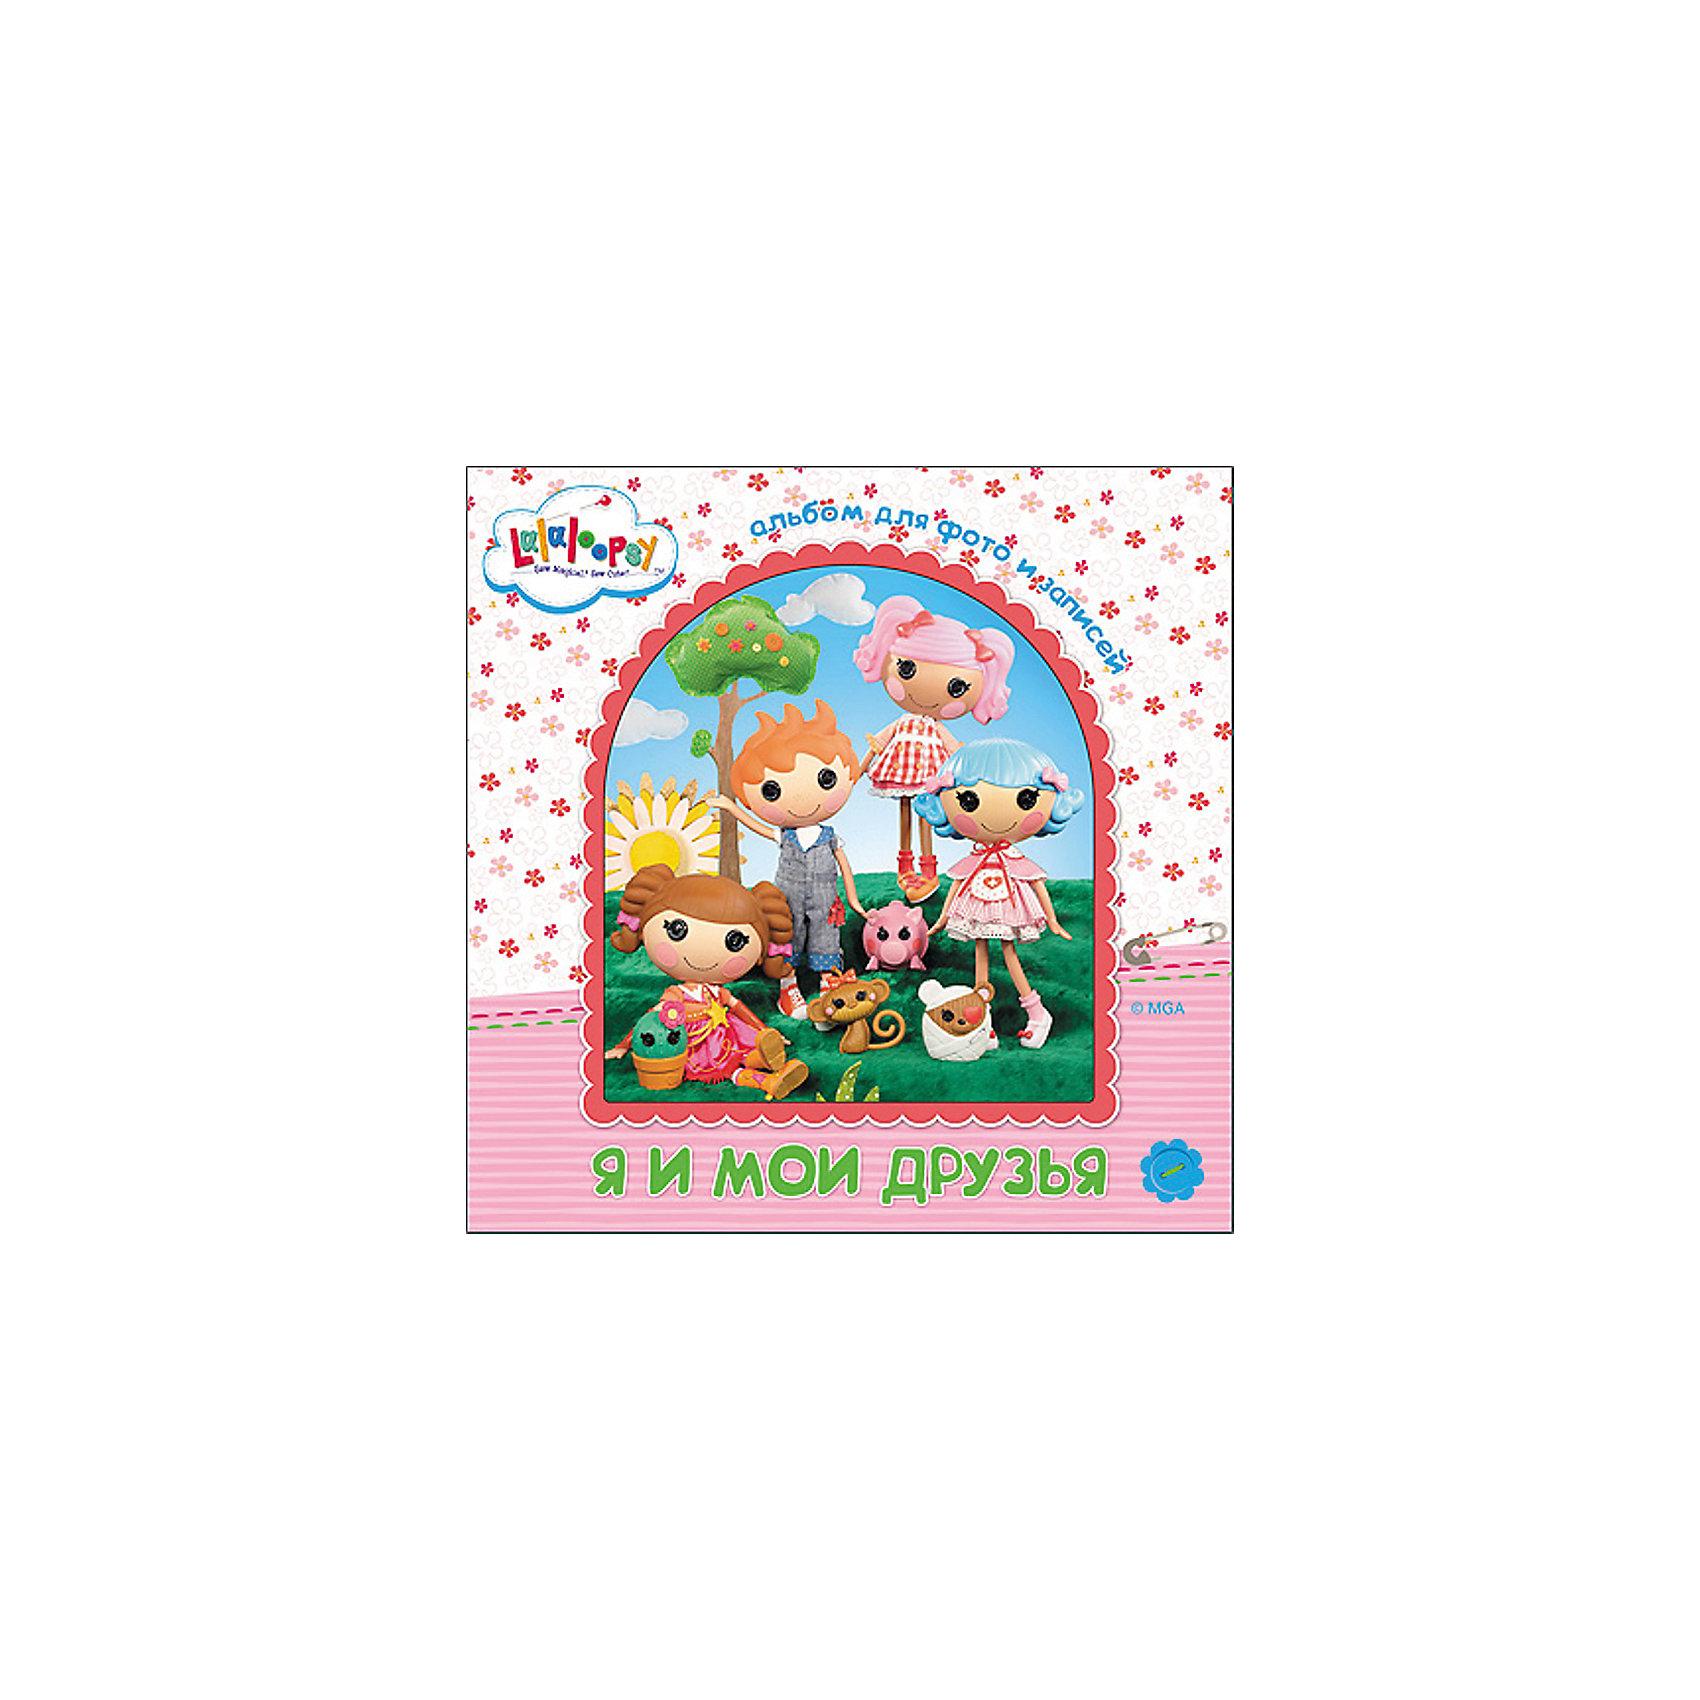 Альбом для фото Я и мои друзья, ЛалалупсиПопулярные игрушки<br>Милые куколки из страны Лалалупсии — лучшие подружки в мире! Они умеют веселиться, дарить подарки и, конечно, хранить секреты. В волшебных красивых альбомах Лалалупси помогут тебе сохранить самые приятные моменты и дорогие воспоминания. И ты с радостью будешь перелистывать чудесные страницы снова и снова!<br><br>Дополнительная информация:<br><br>Переплет: твердый<br>Страниц: 36<br>Формат: 265х265 мм<br><br>Альбом для фото Я и мои друзья, Лалалупси можно купить в нашем магазине.<br><br>Ширина мм: 265<br>Глубина мм: 5<br>Высота мм: 265<br>Вес г: 400<br>Возраст от месяцев: 60<br>Возраст до месяцев: 84<br>Пол: Унисекс<br>Возраст: Детский<br>SKU: 4612602